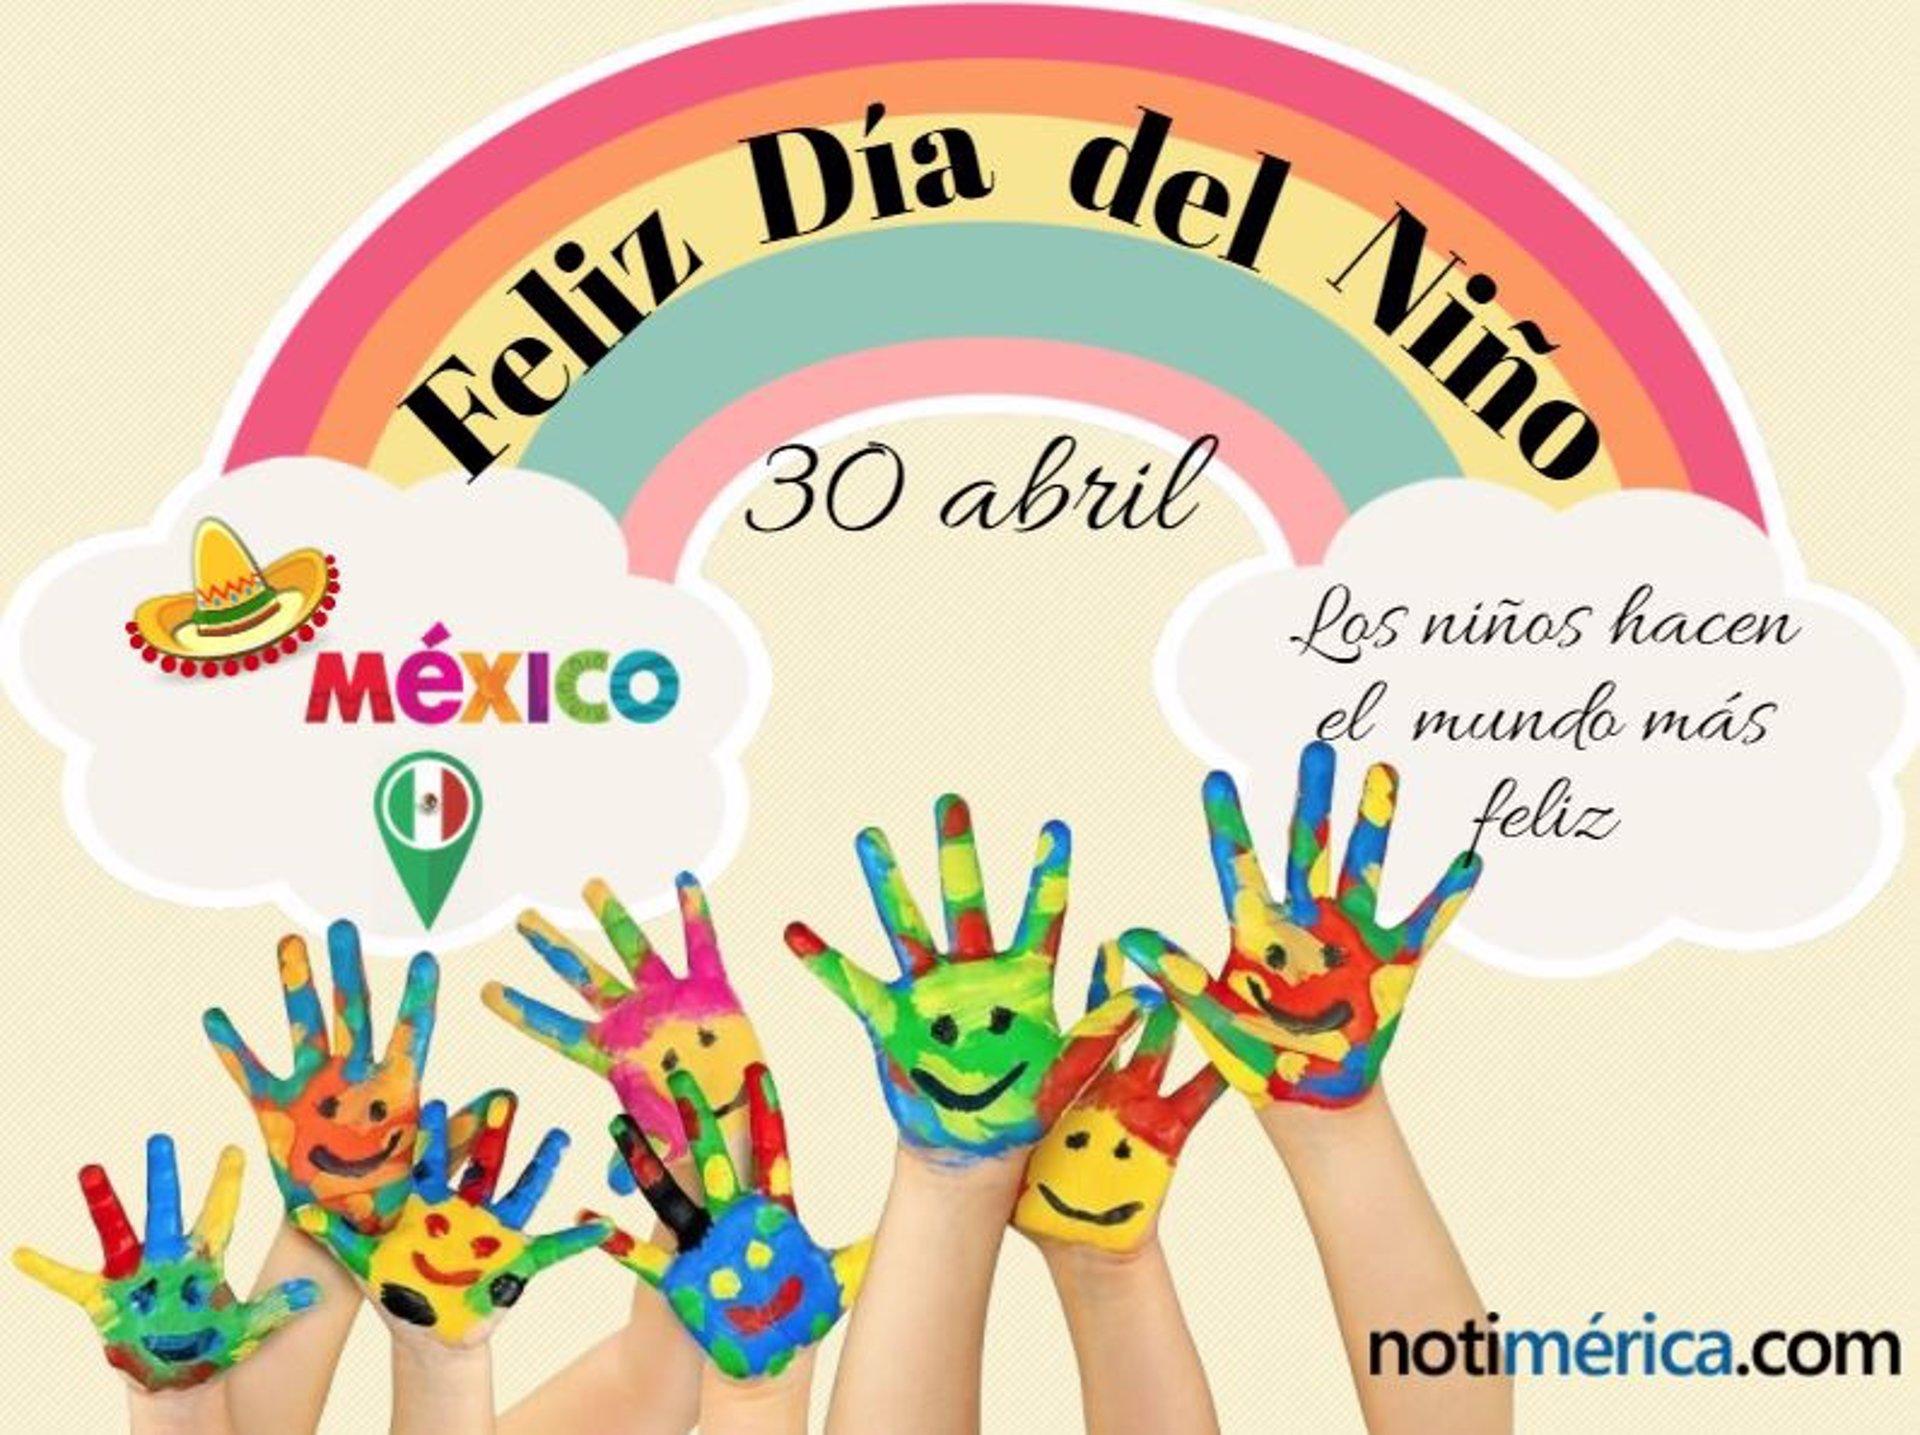 por qué se celebra el día del niño en méxico el 30 de abril